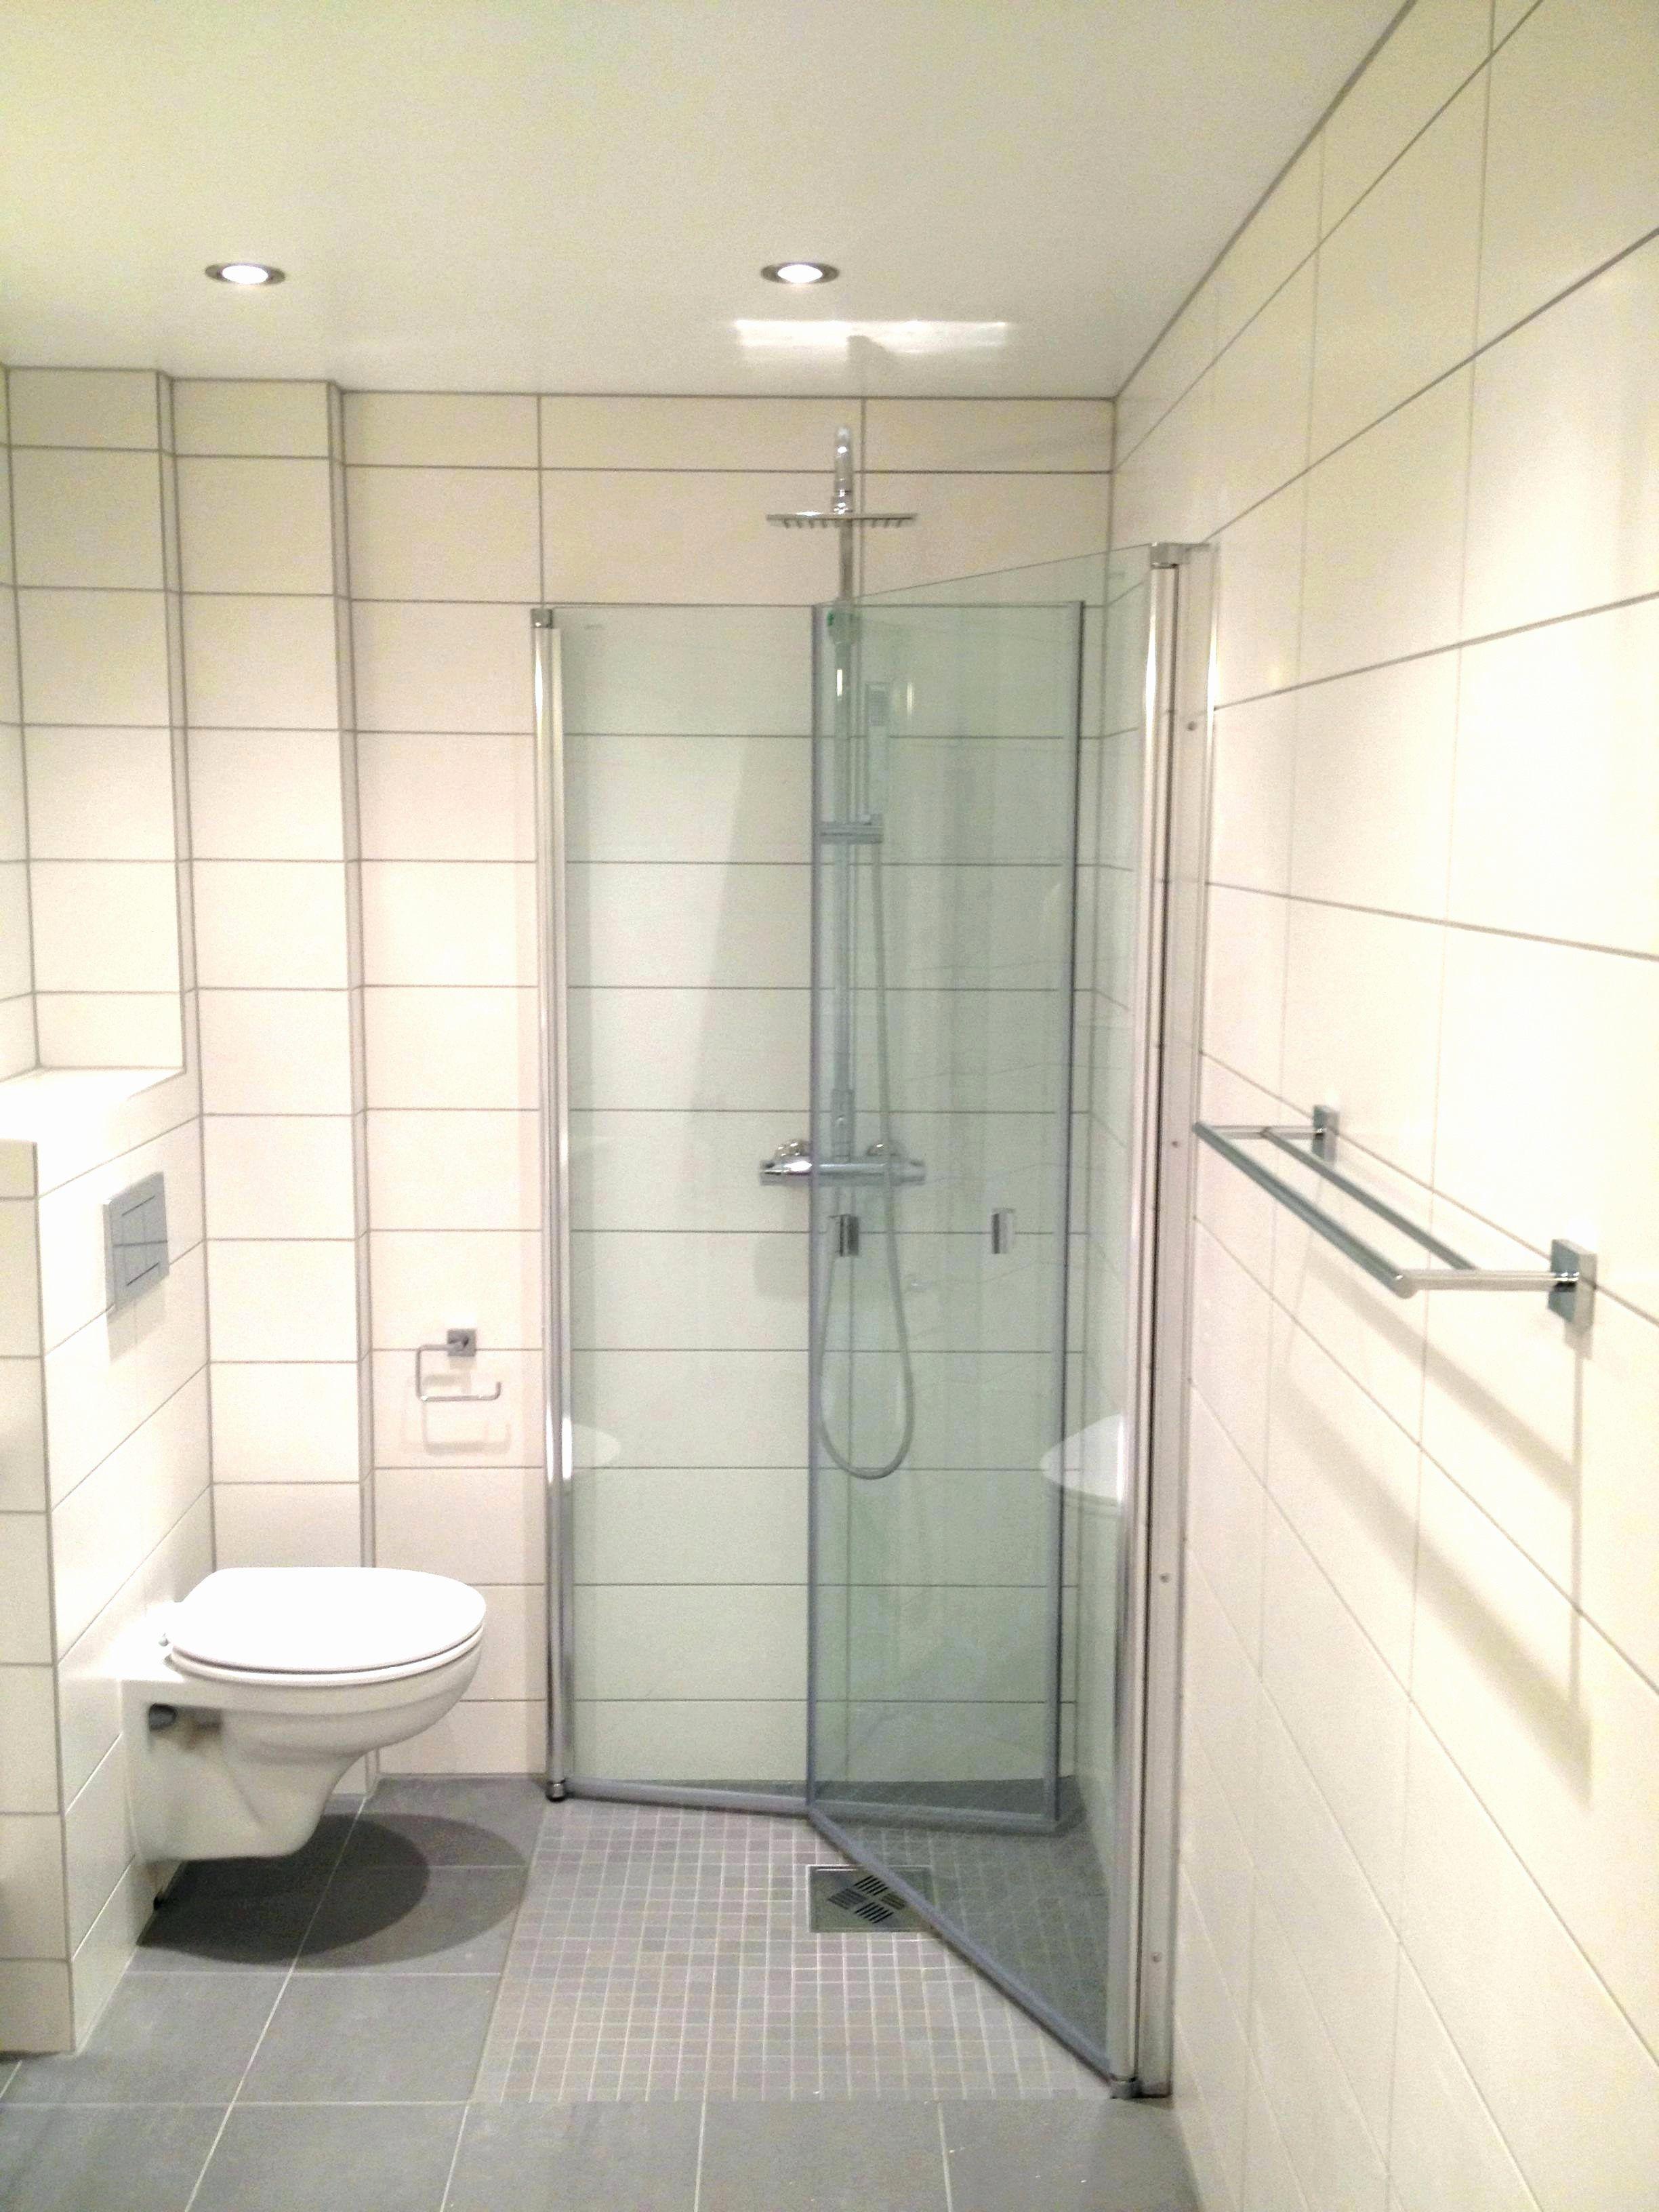 9 Dusche Umbauen Ebenerdig Kosten Inspirierend Dusche Einbauen Kosten Eintagamsee Badezimmer Umbau Dusche Einbauen Alte Bader